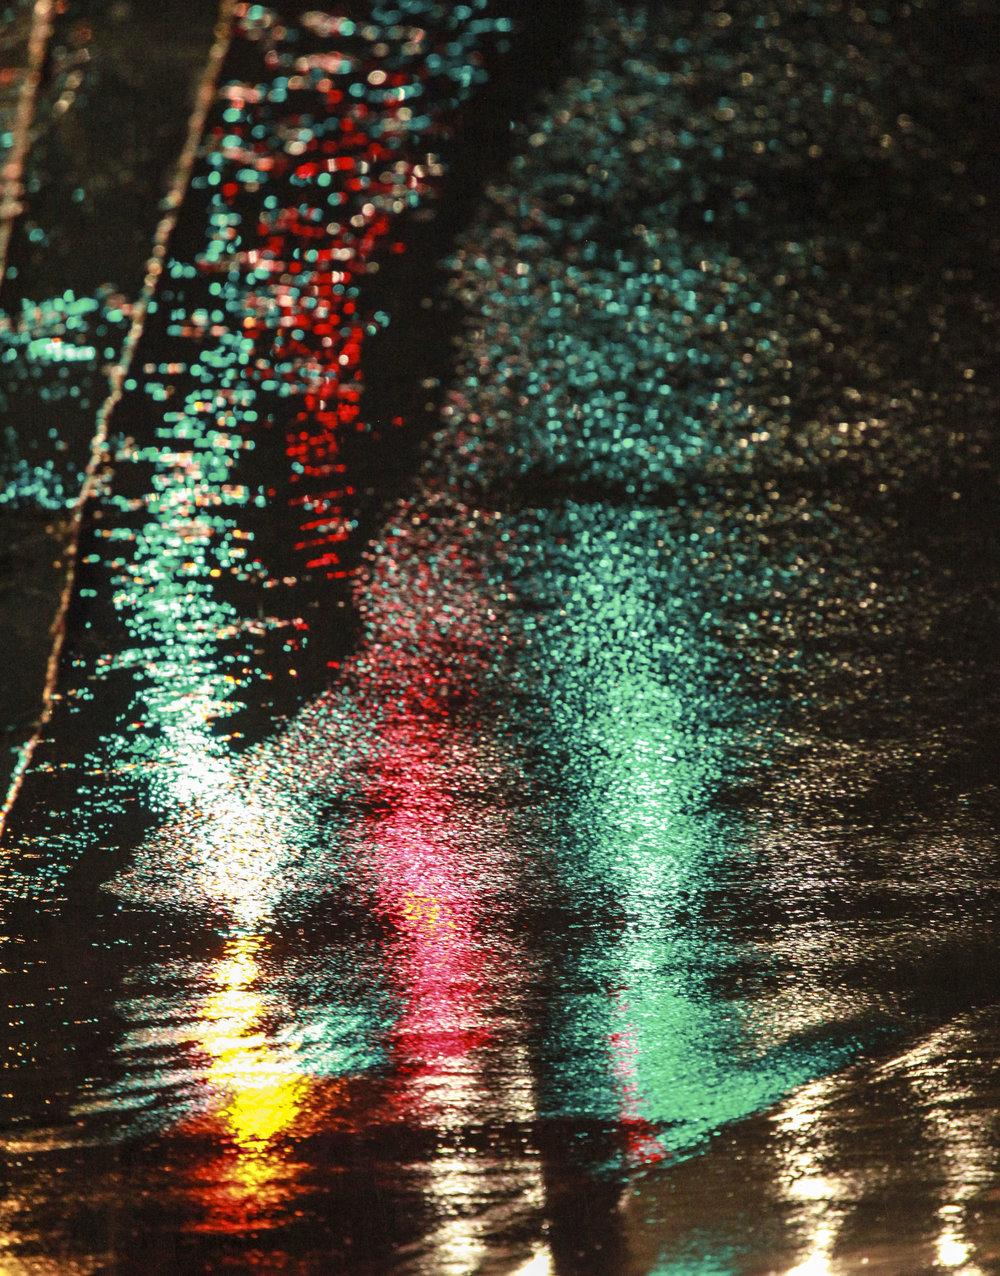 2015_12_26_rainyreflections009.jpg